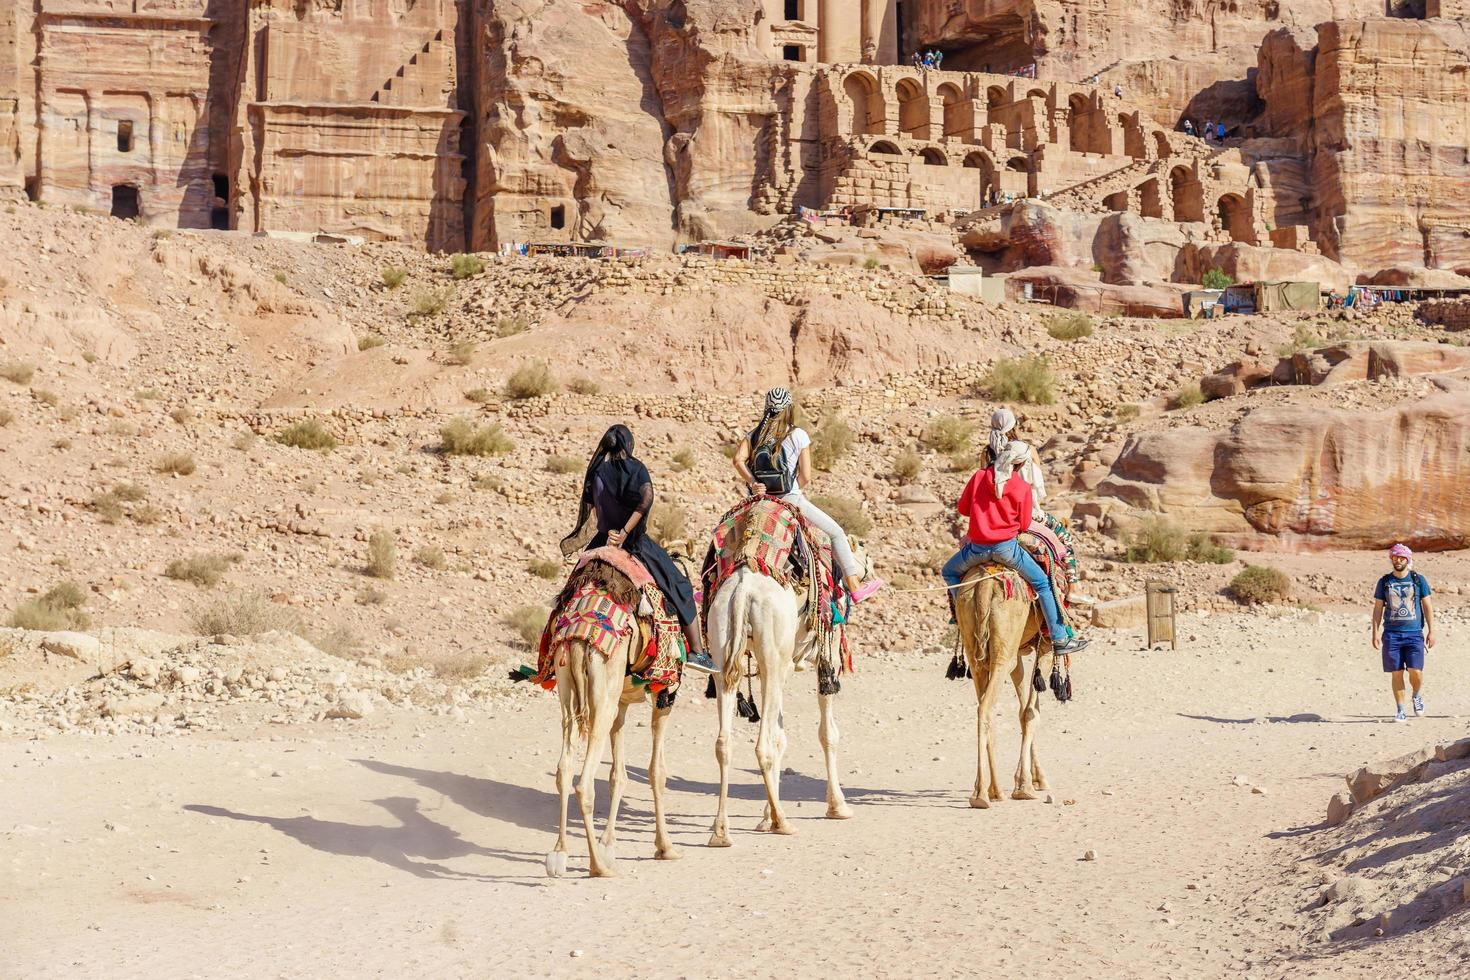 I turisti a cavallo di cammelli a Petra, in Giordania, 2018 foto